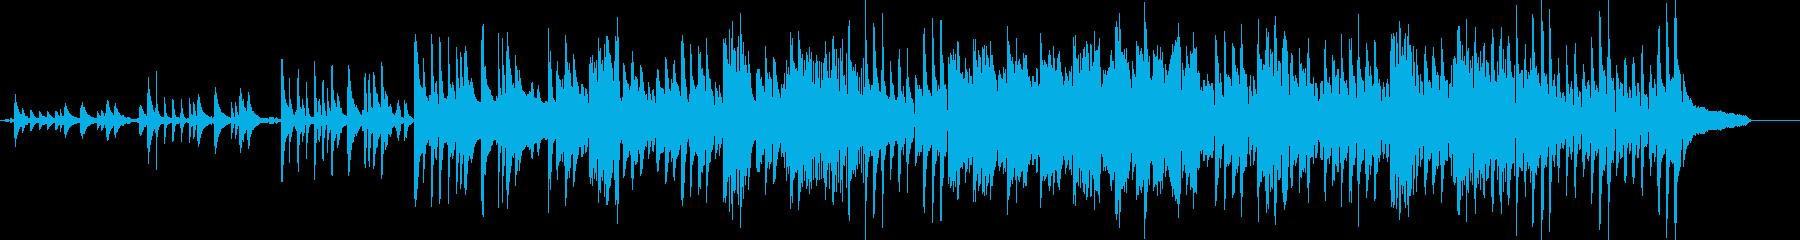 絶望的で(°m°;)嘆かわしい演奏の再生済みの波形